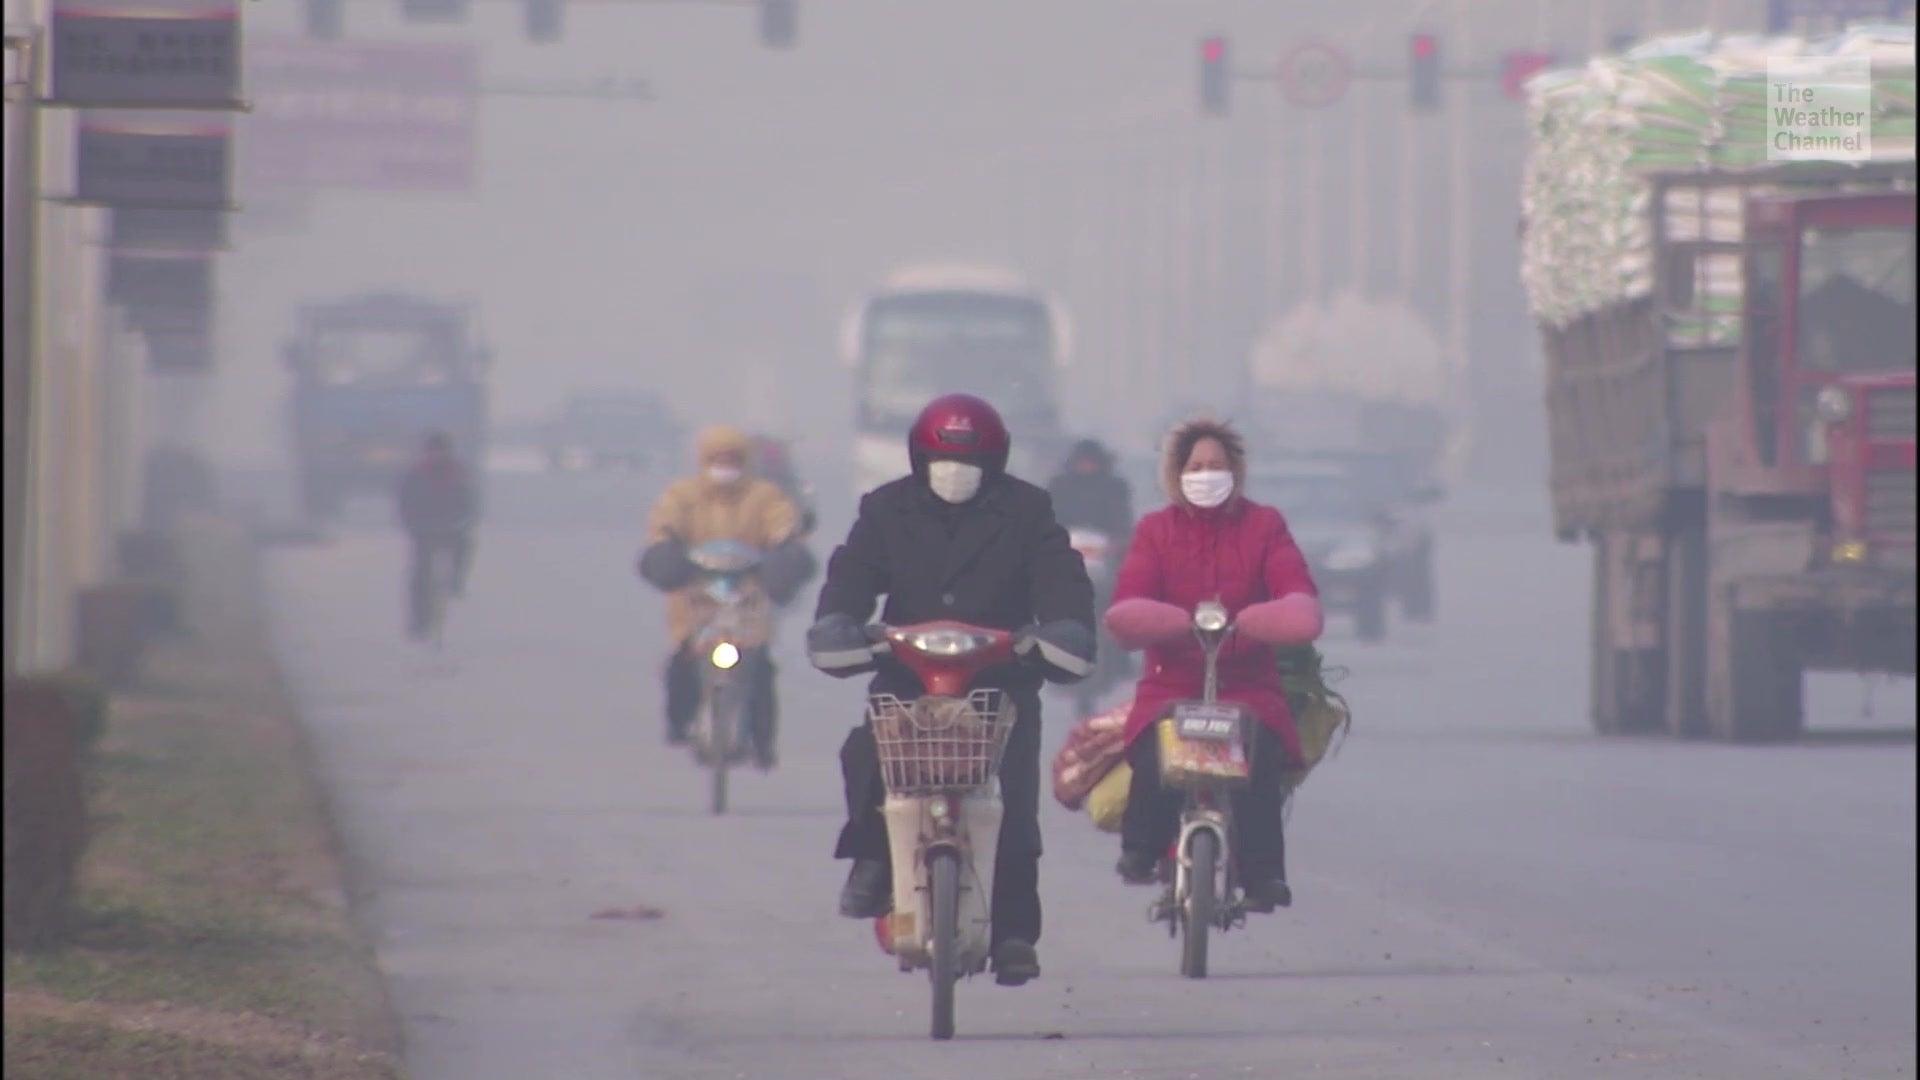 Beim Kochen: Luft im Haus ist  so verpestet wie im Großstadtverkehr